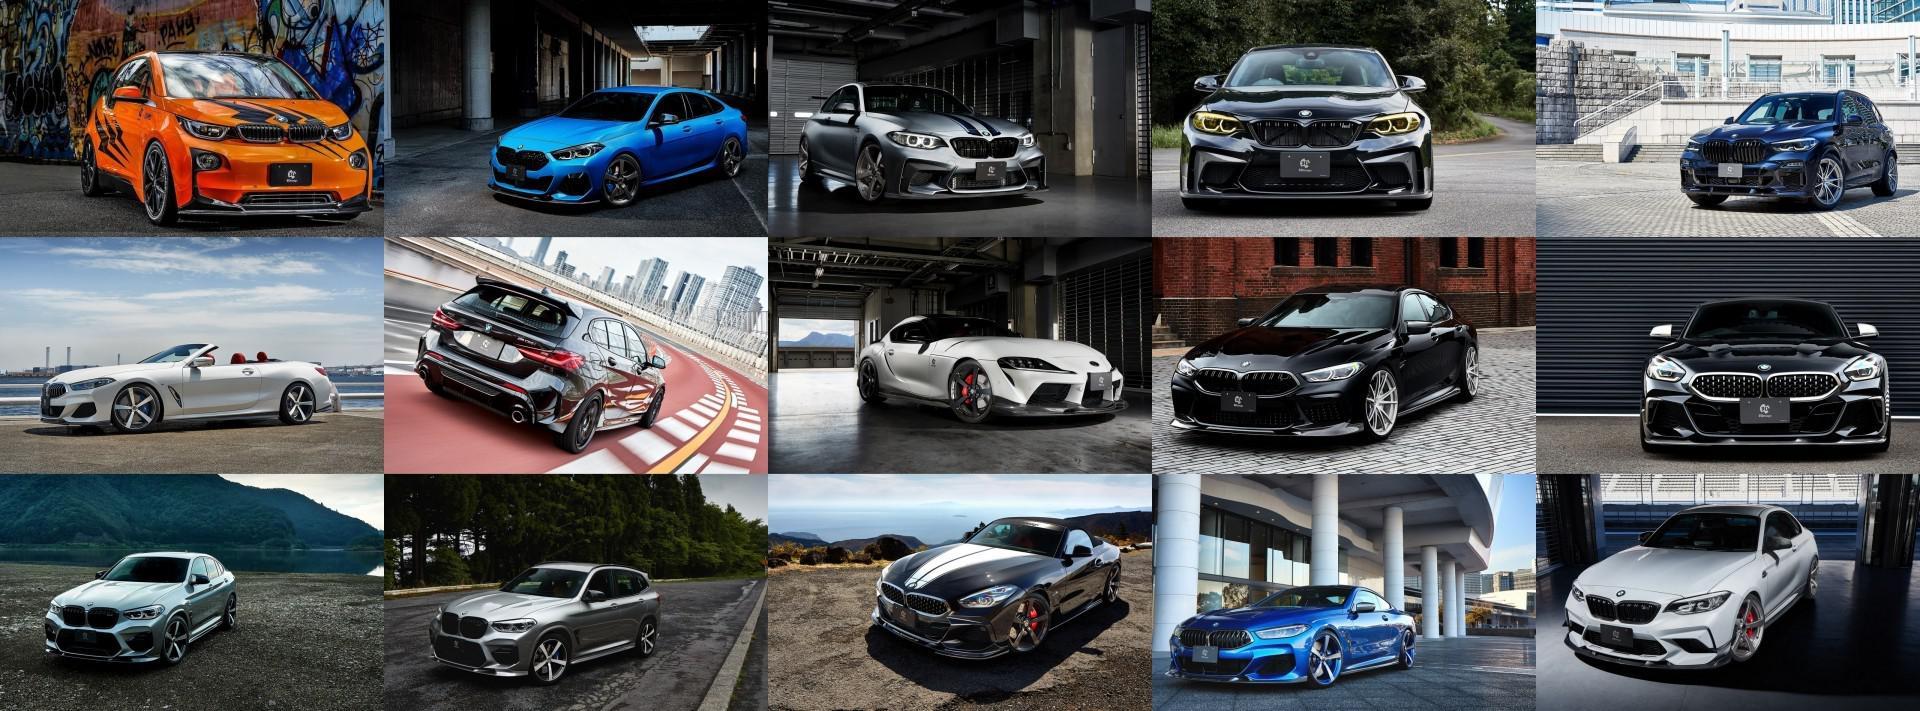 3DDesign: Préparateur Automobiles